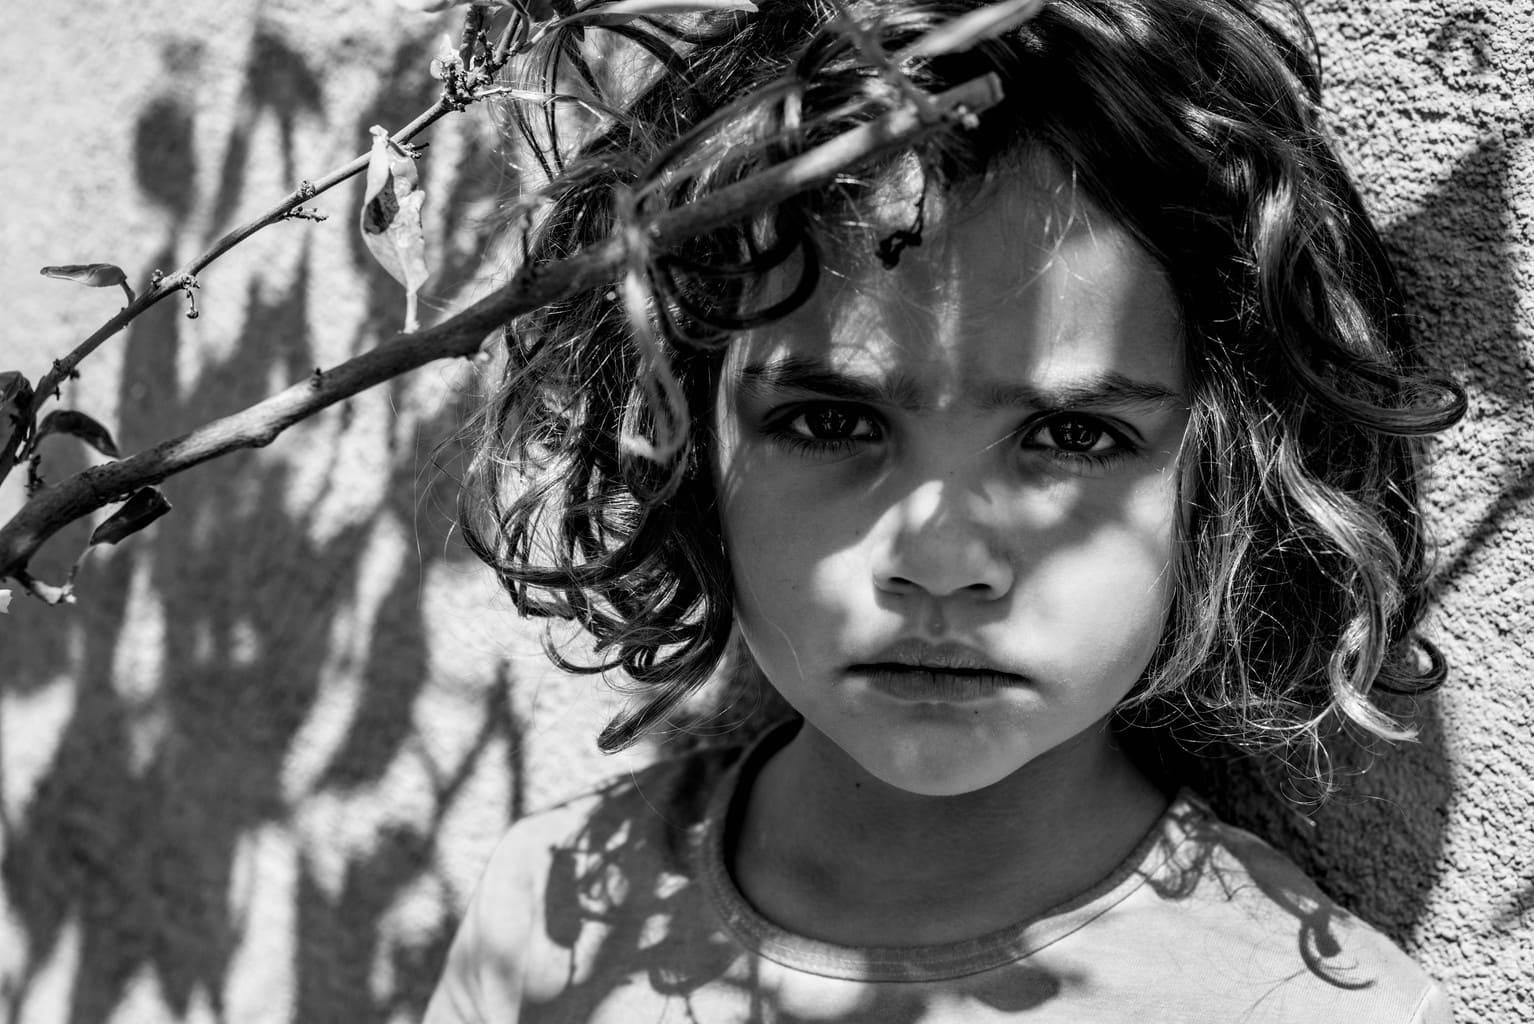 Fotografía retrato de una niña